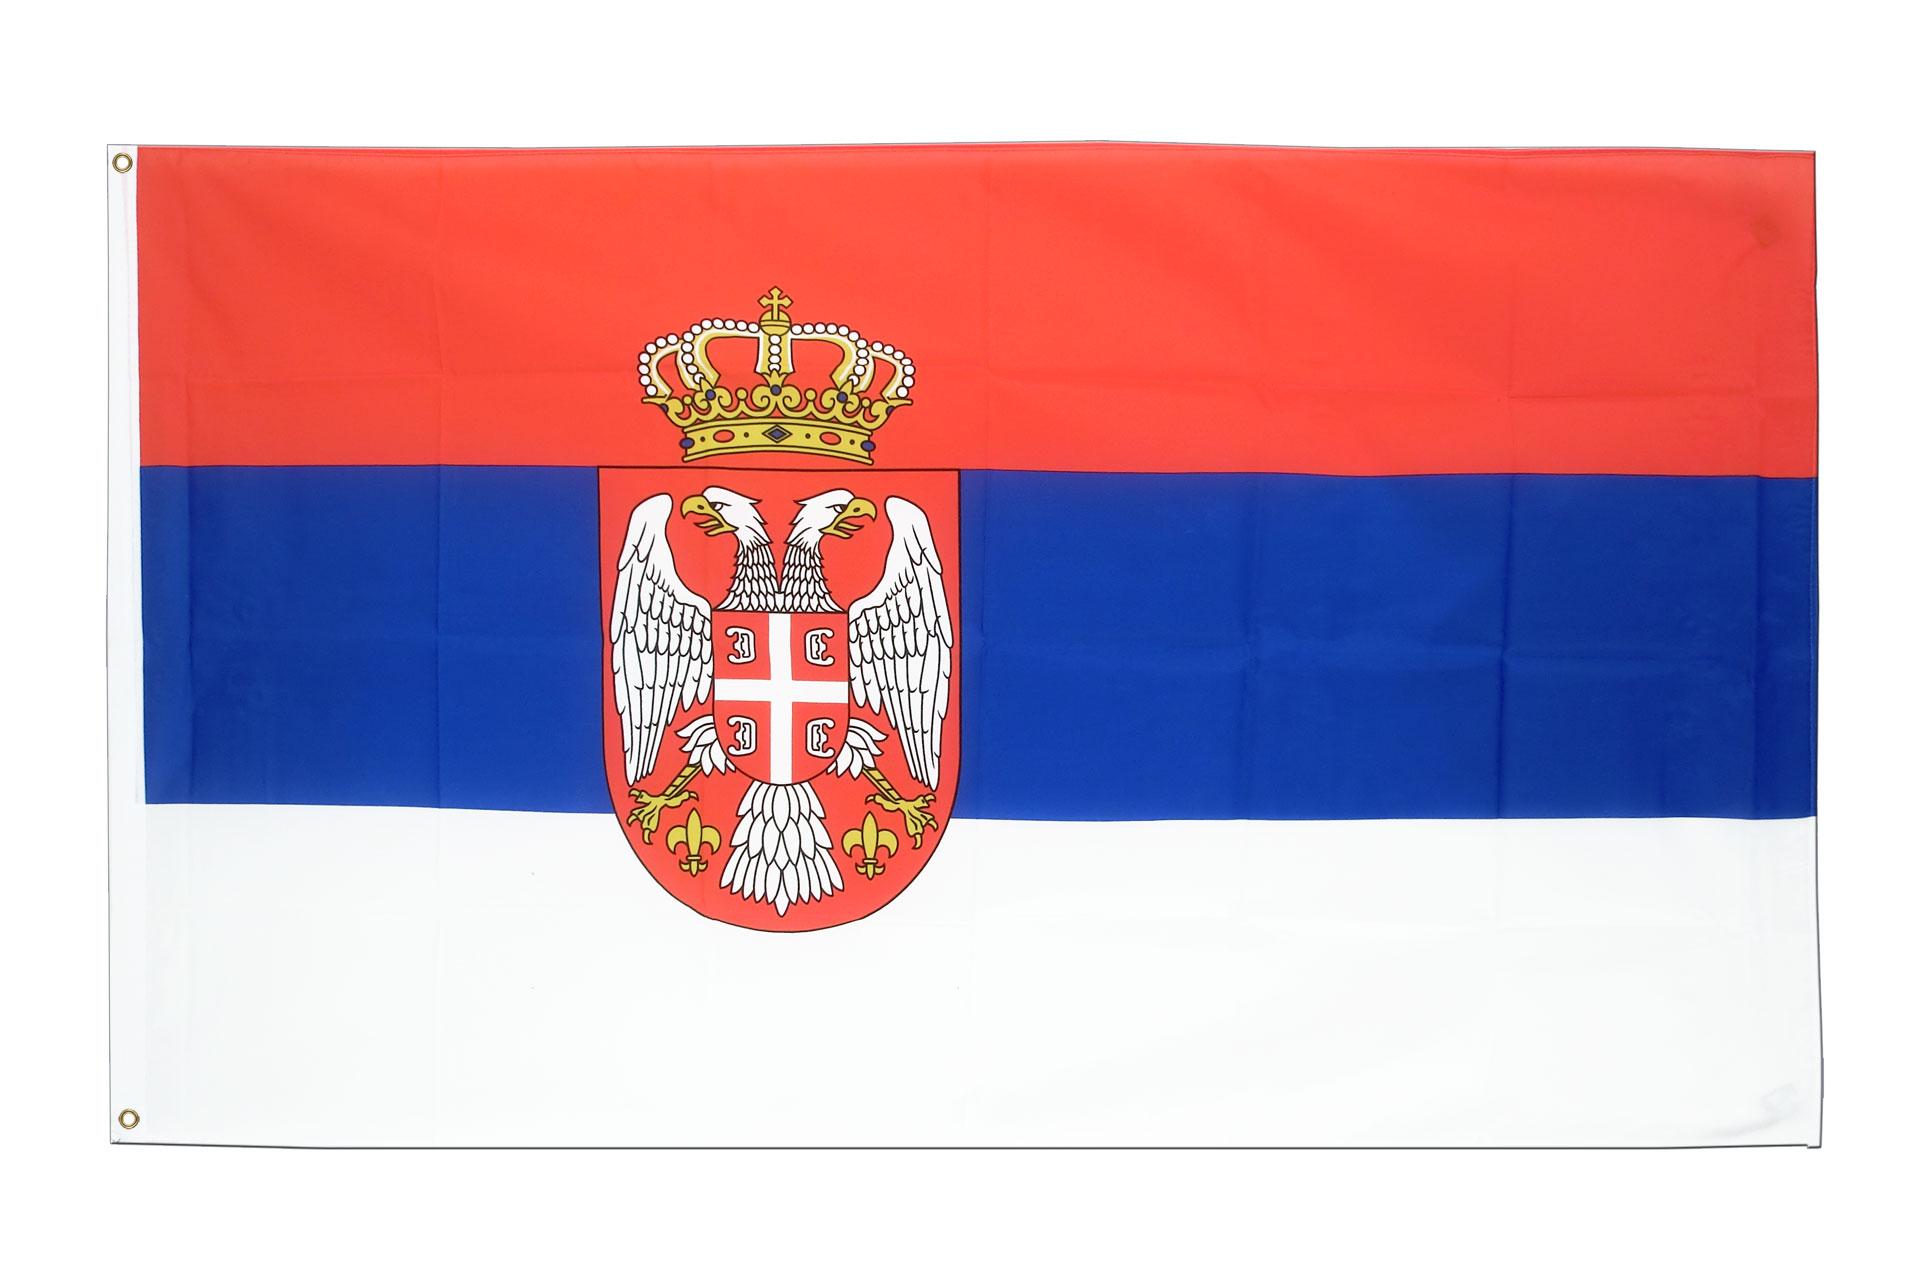 Drapeau pas cher serbie avec blason 60 x 90 cm m des for Drapeau publicitaire exterieur pas cher